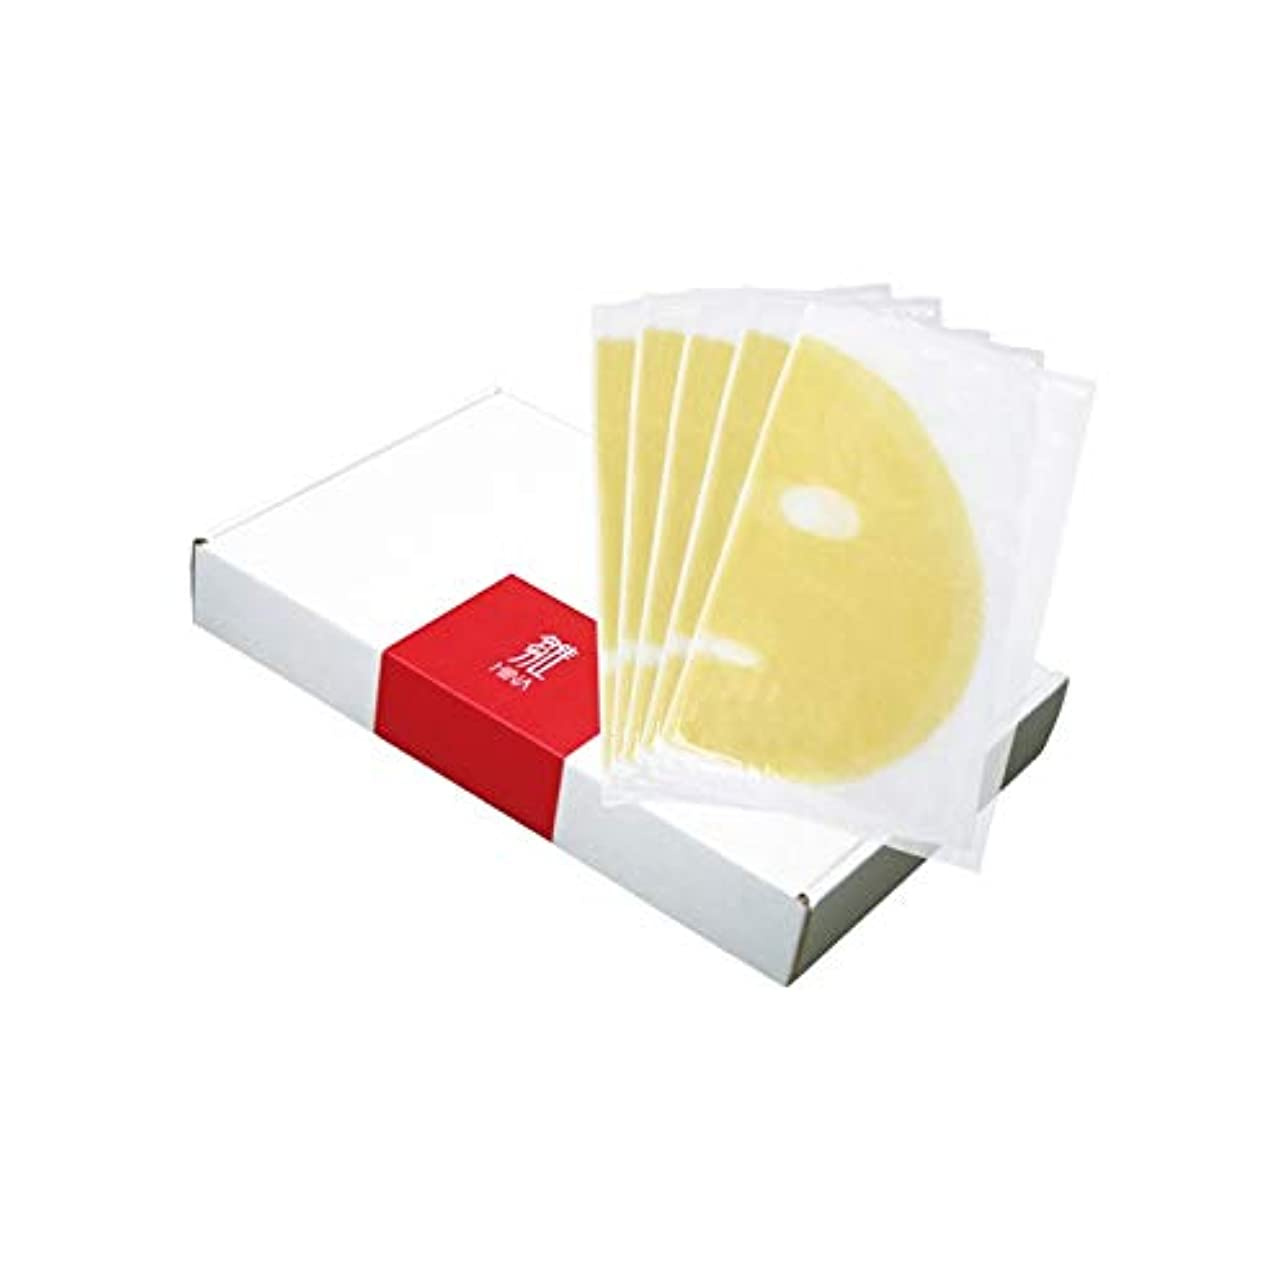 センチメンタルメンター言語雛(HIINA) 天然生ゆばパック 1箱5枚入り(要冷凍)